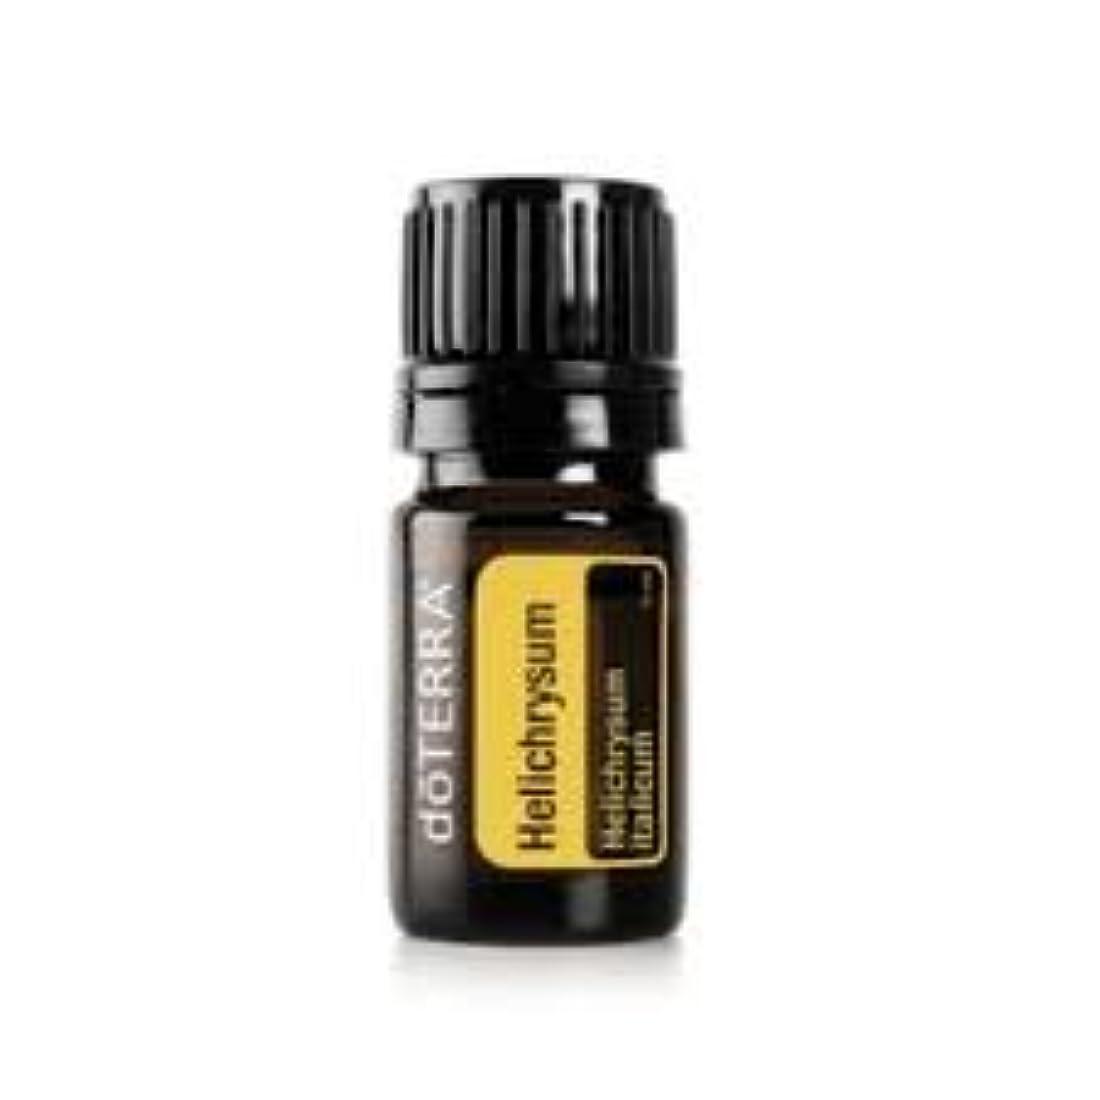 嘆く影響を受けやすいですルーdoTERRA ドテラ ヘリクリサム 5 ml アロマオイル エッセンシャルオイル シングルオイル 精油 ハーブ系 美容系 リラックス